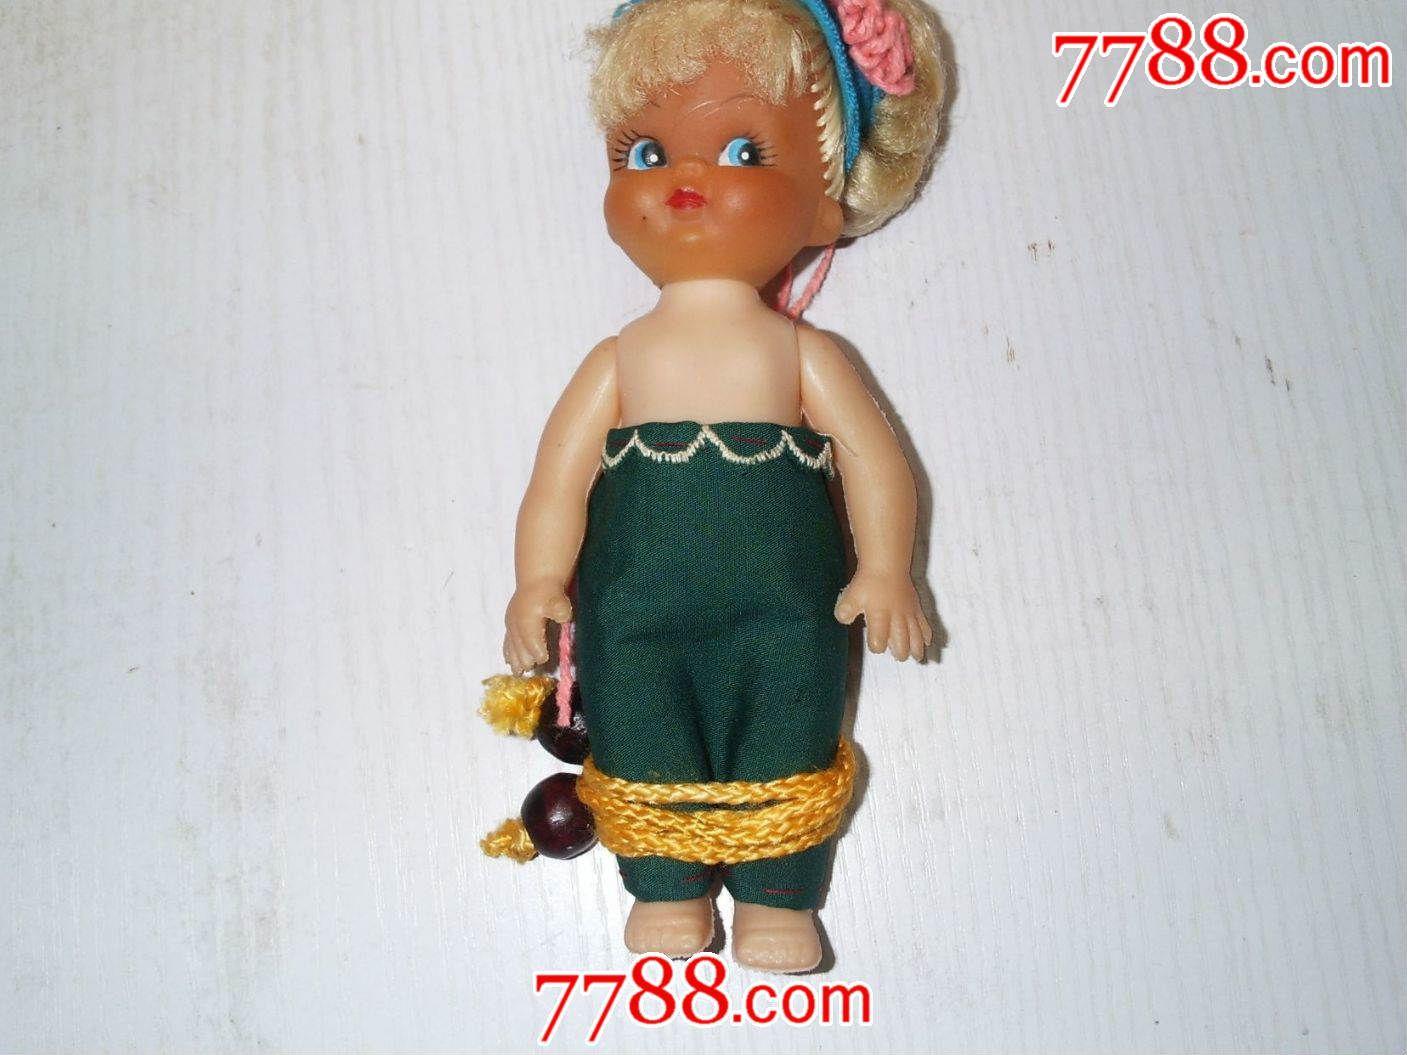 一个少数民族娃娃